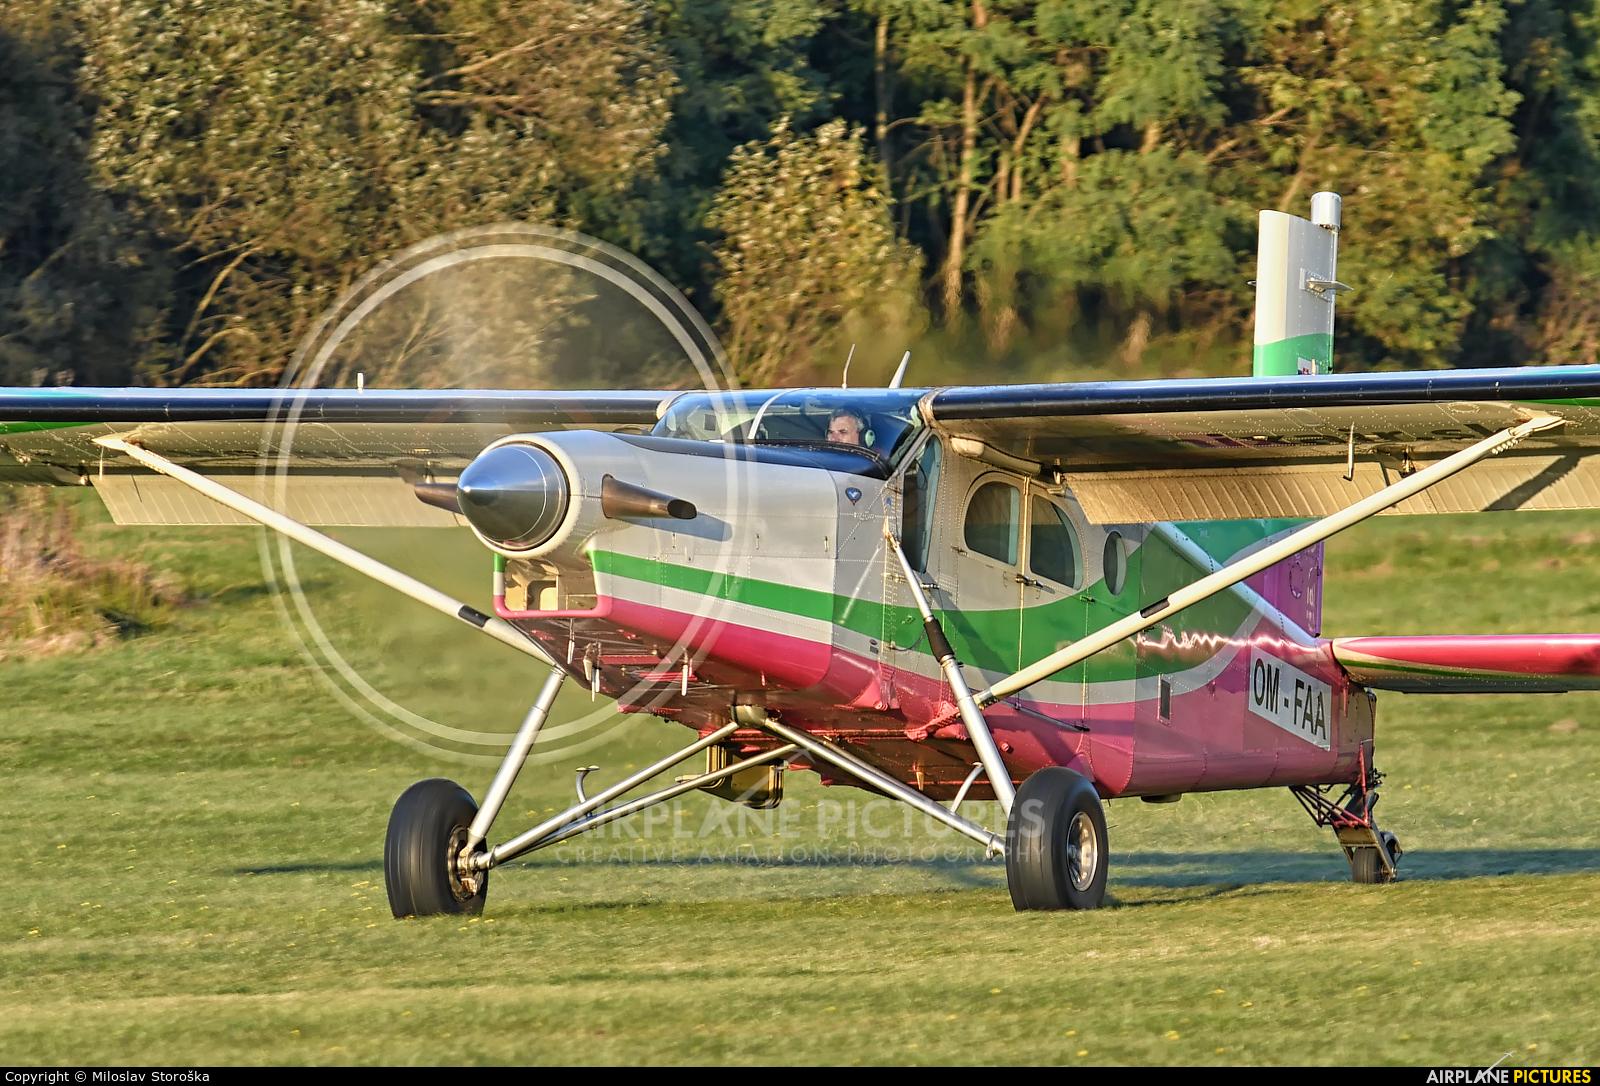 Aeroklub Dubnica nad Vahom OM-FAA aircraft at Očová